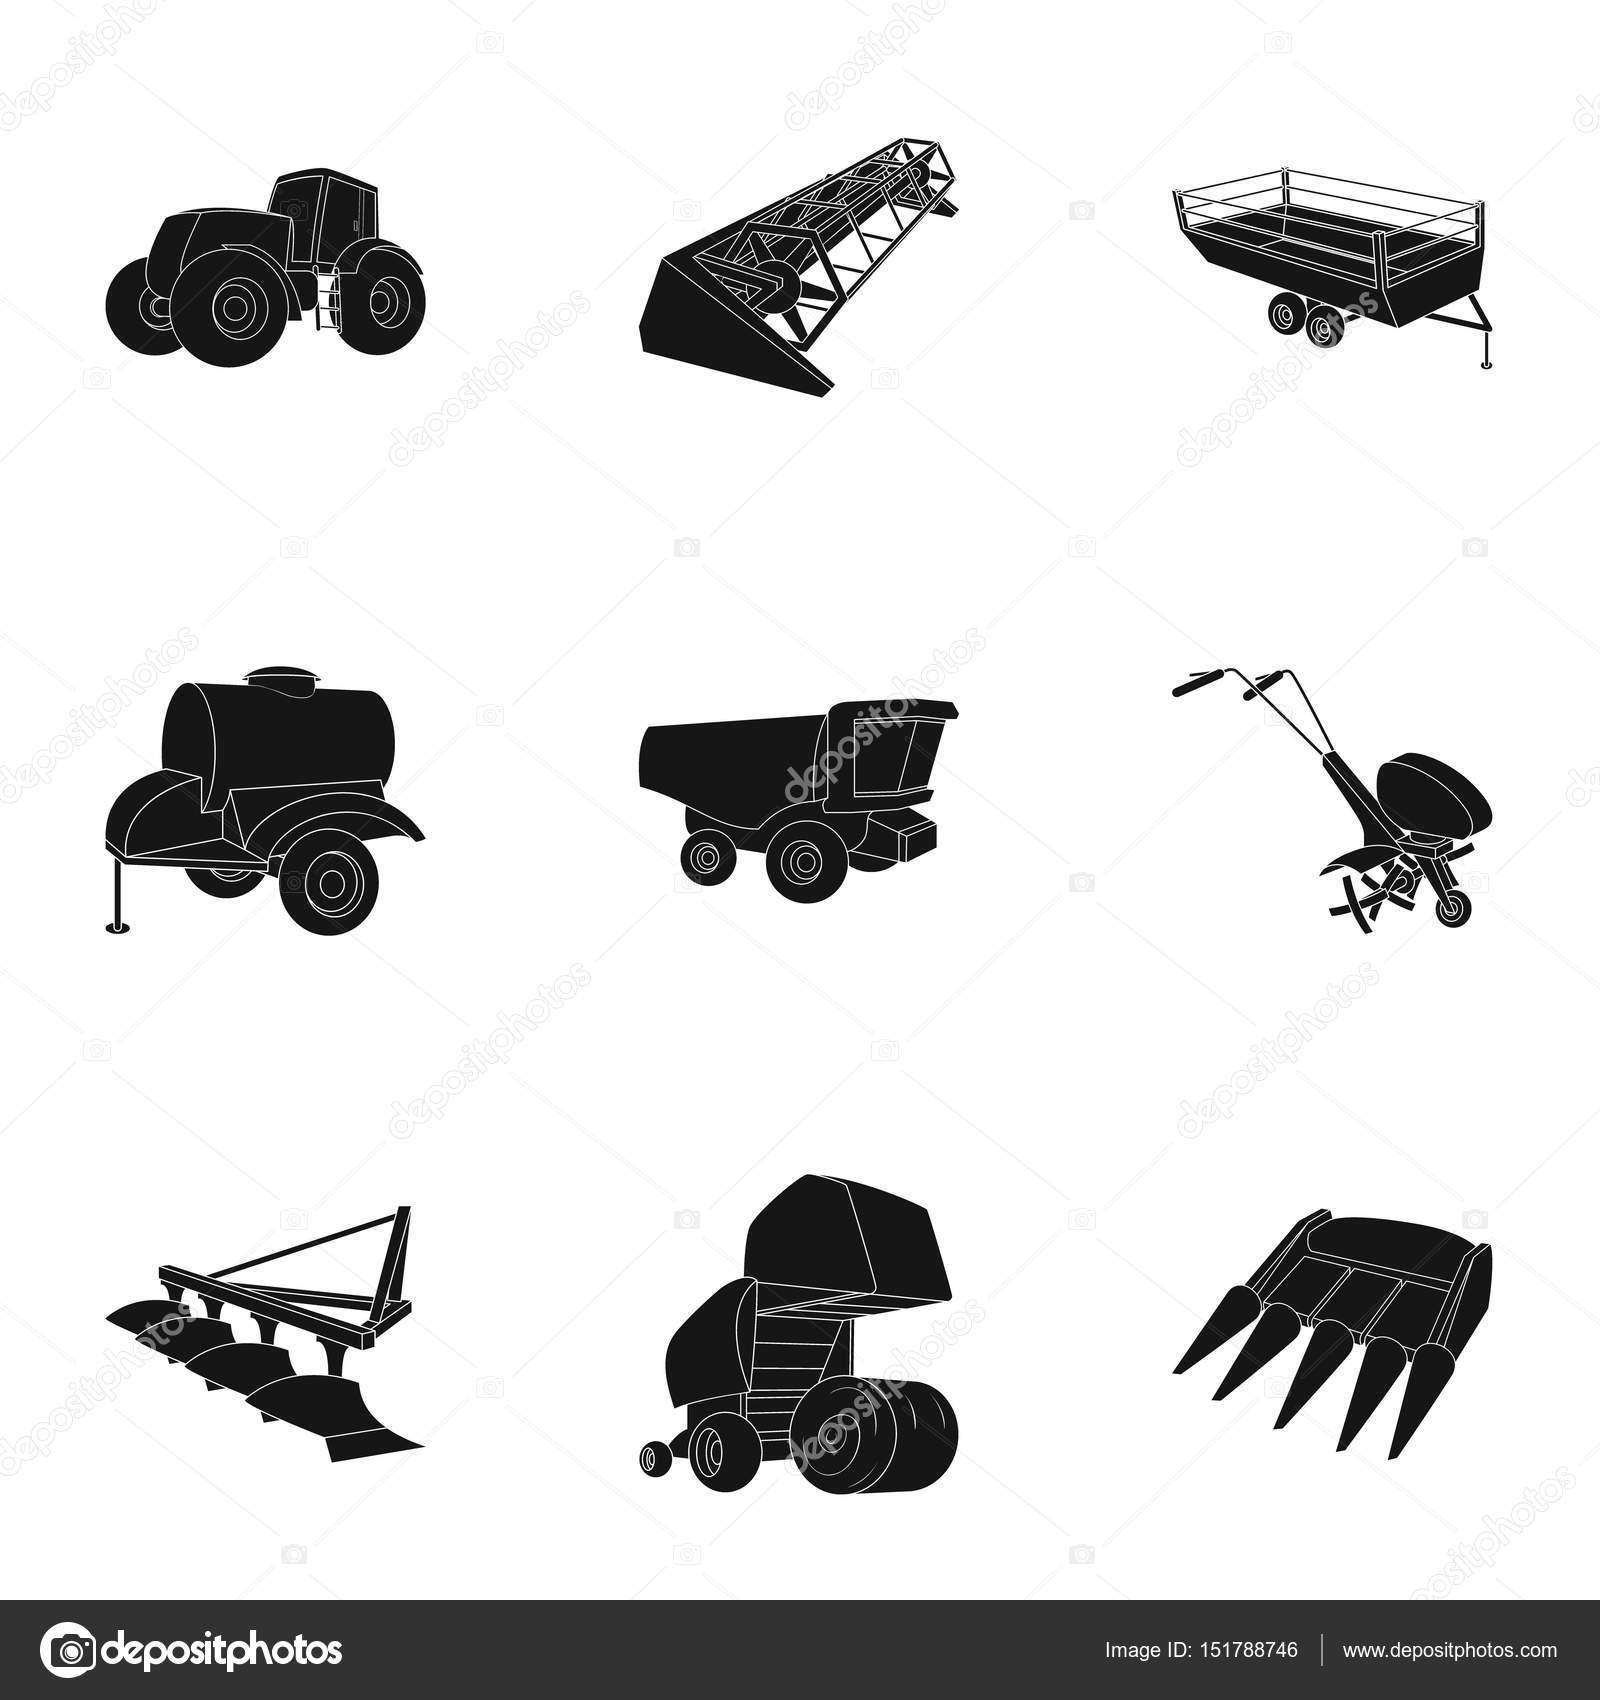 Satz von Bildern über Landmaschinen. Autos, Roboter auf den Boden ...